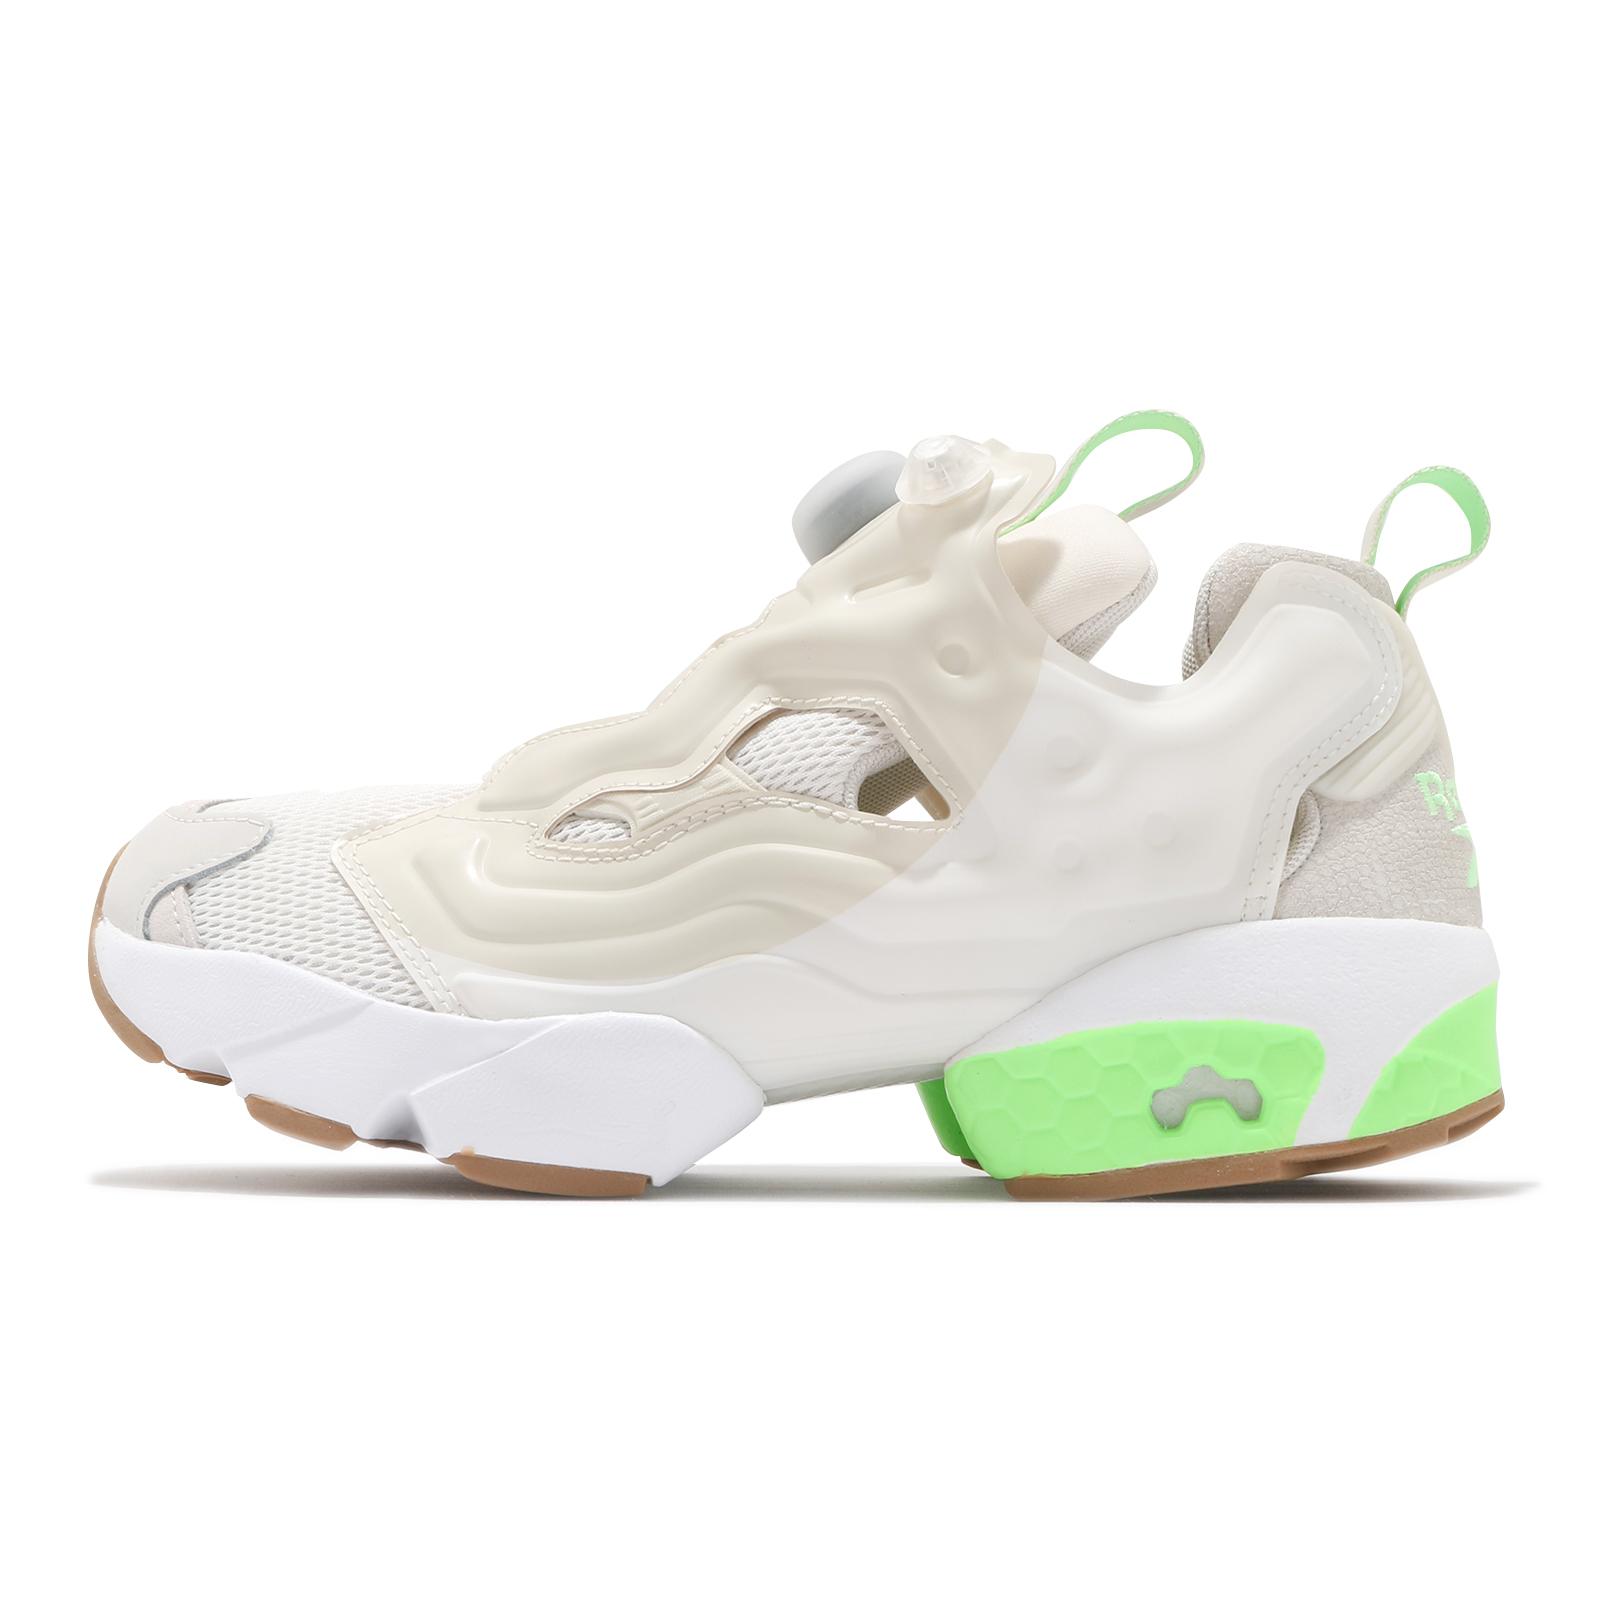 Reebok 休閒鞋 Instapump Fury OG 米白 螢光綠 充氣 女鞋 運動鞋 【ACS】 FZ0665